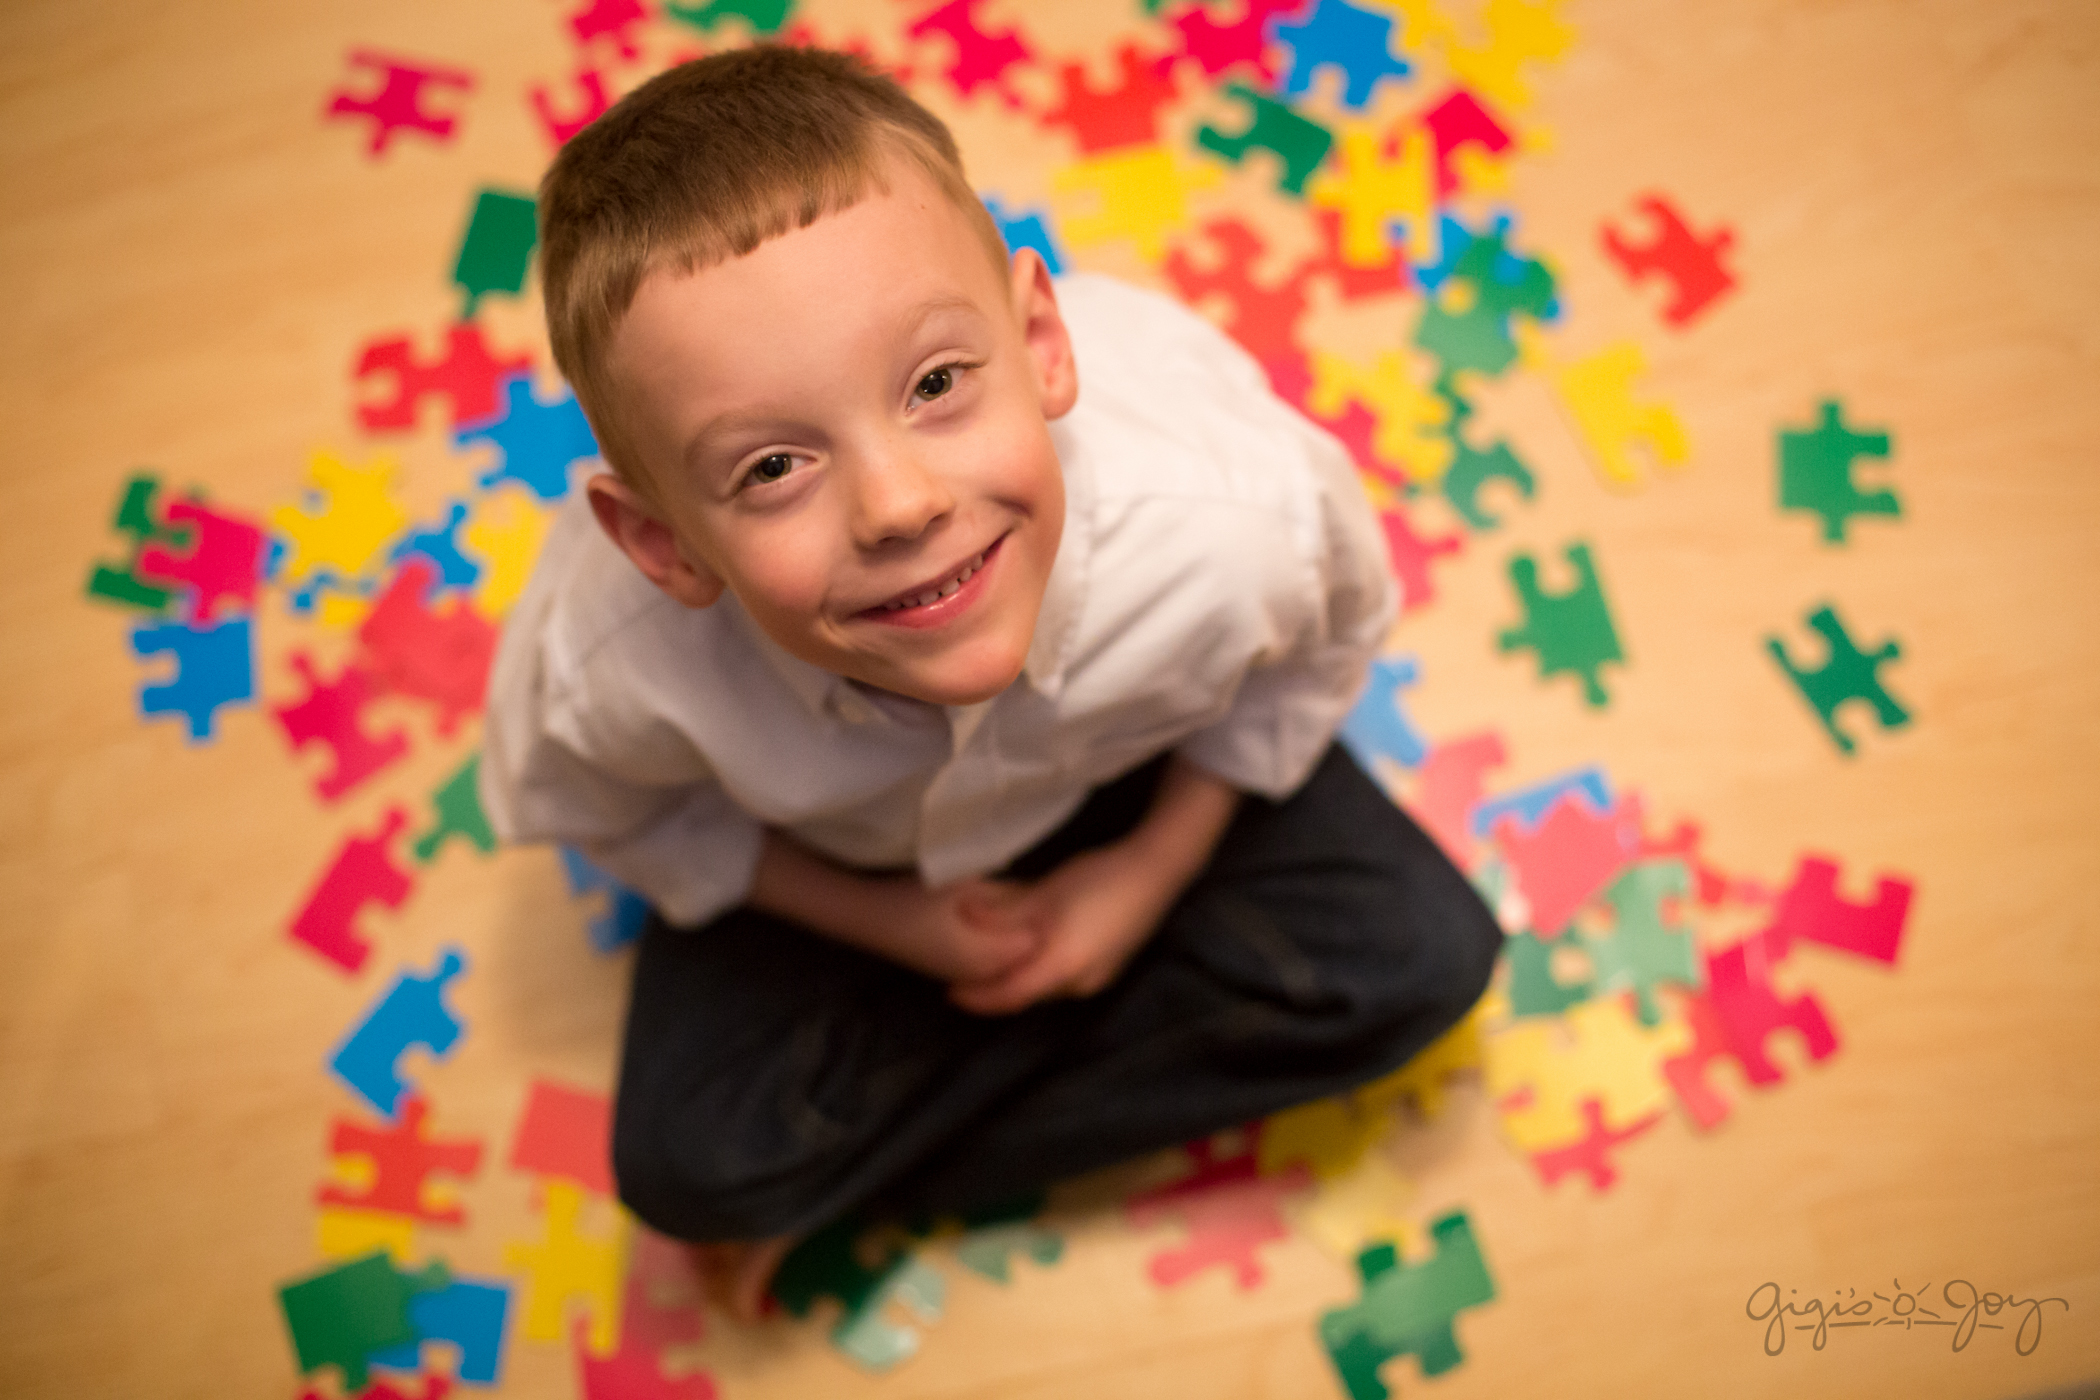 Comment prendre soin des enfants autistes ?